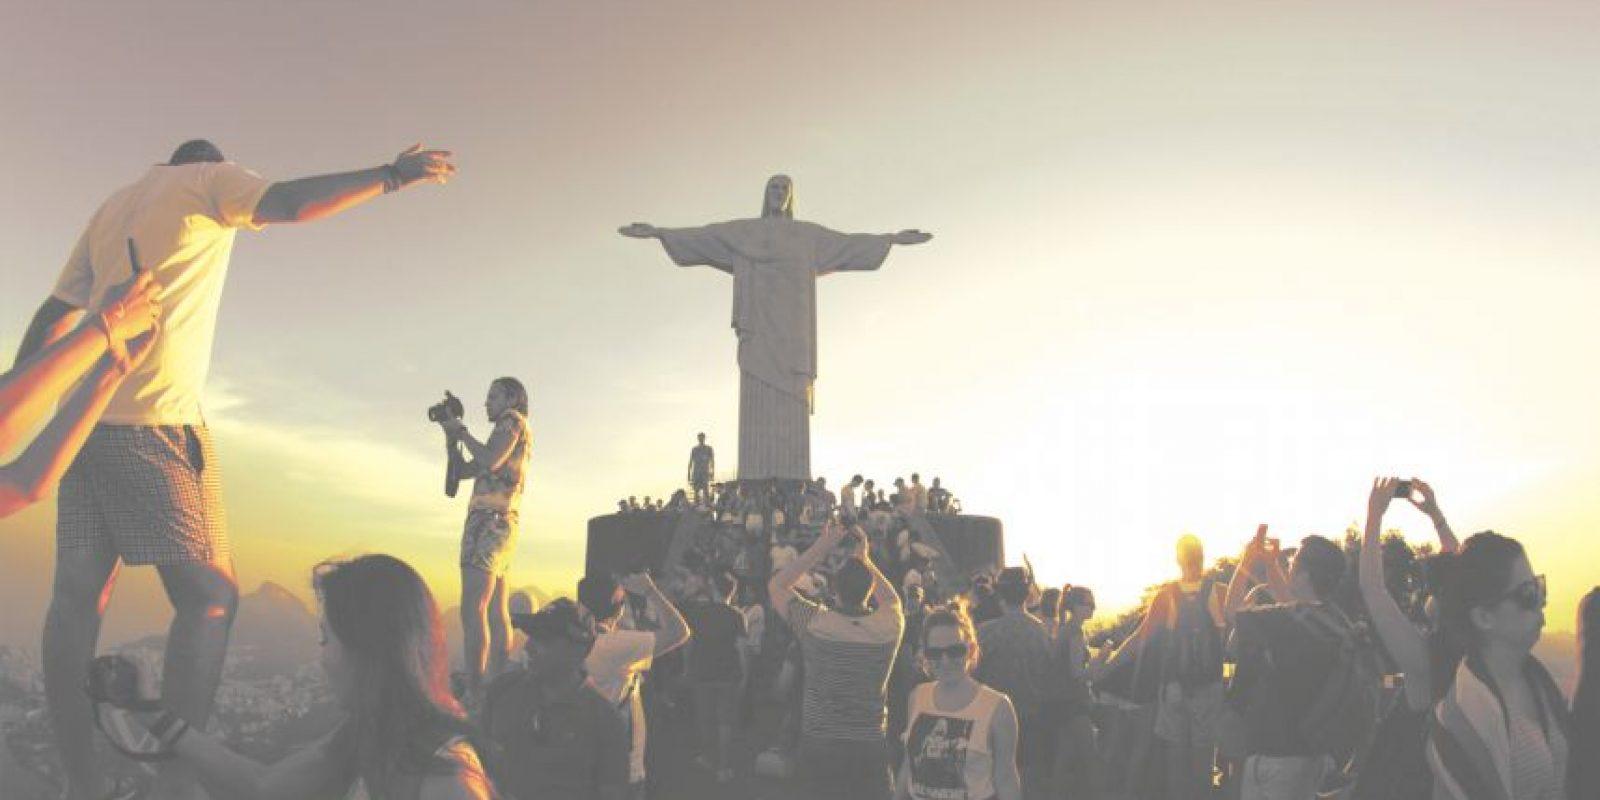 Ganador del gran premio: La magia de mi Ciudad Foto:Jankel Grubman (Brasil)